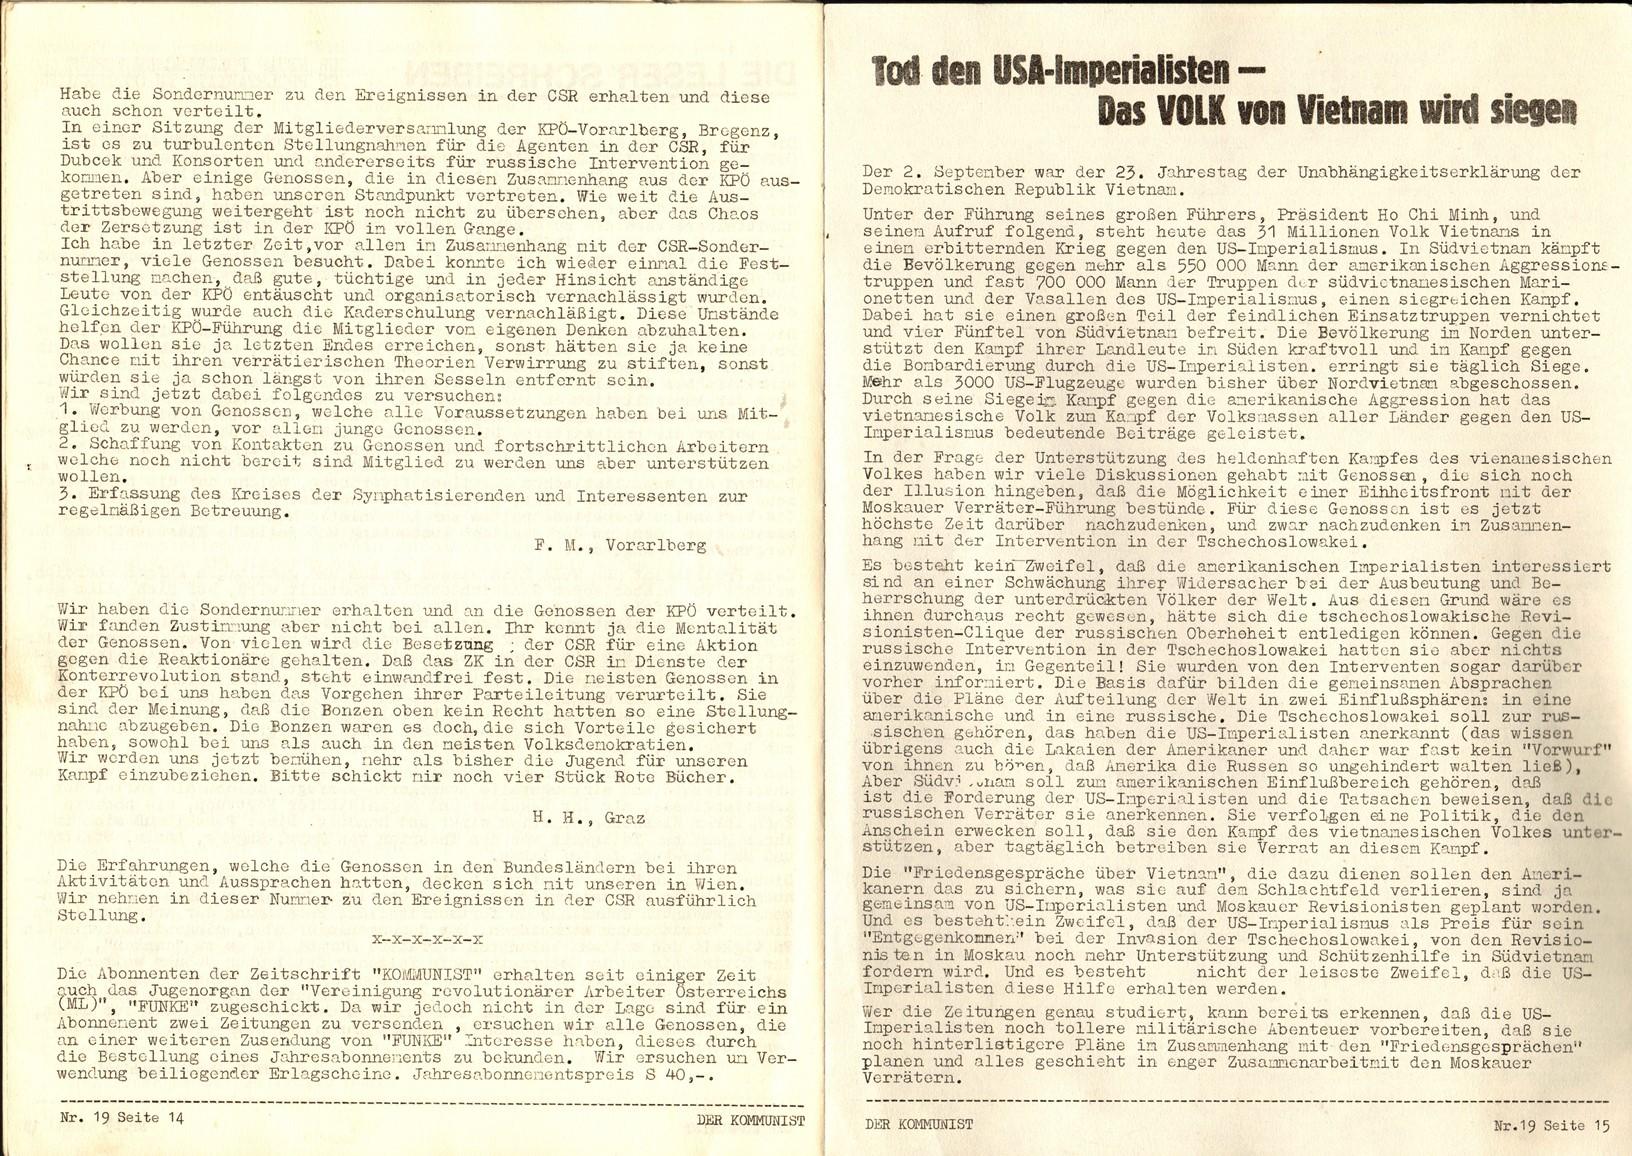 VRA_Der_Kommunist_19680900_08